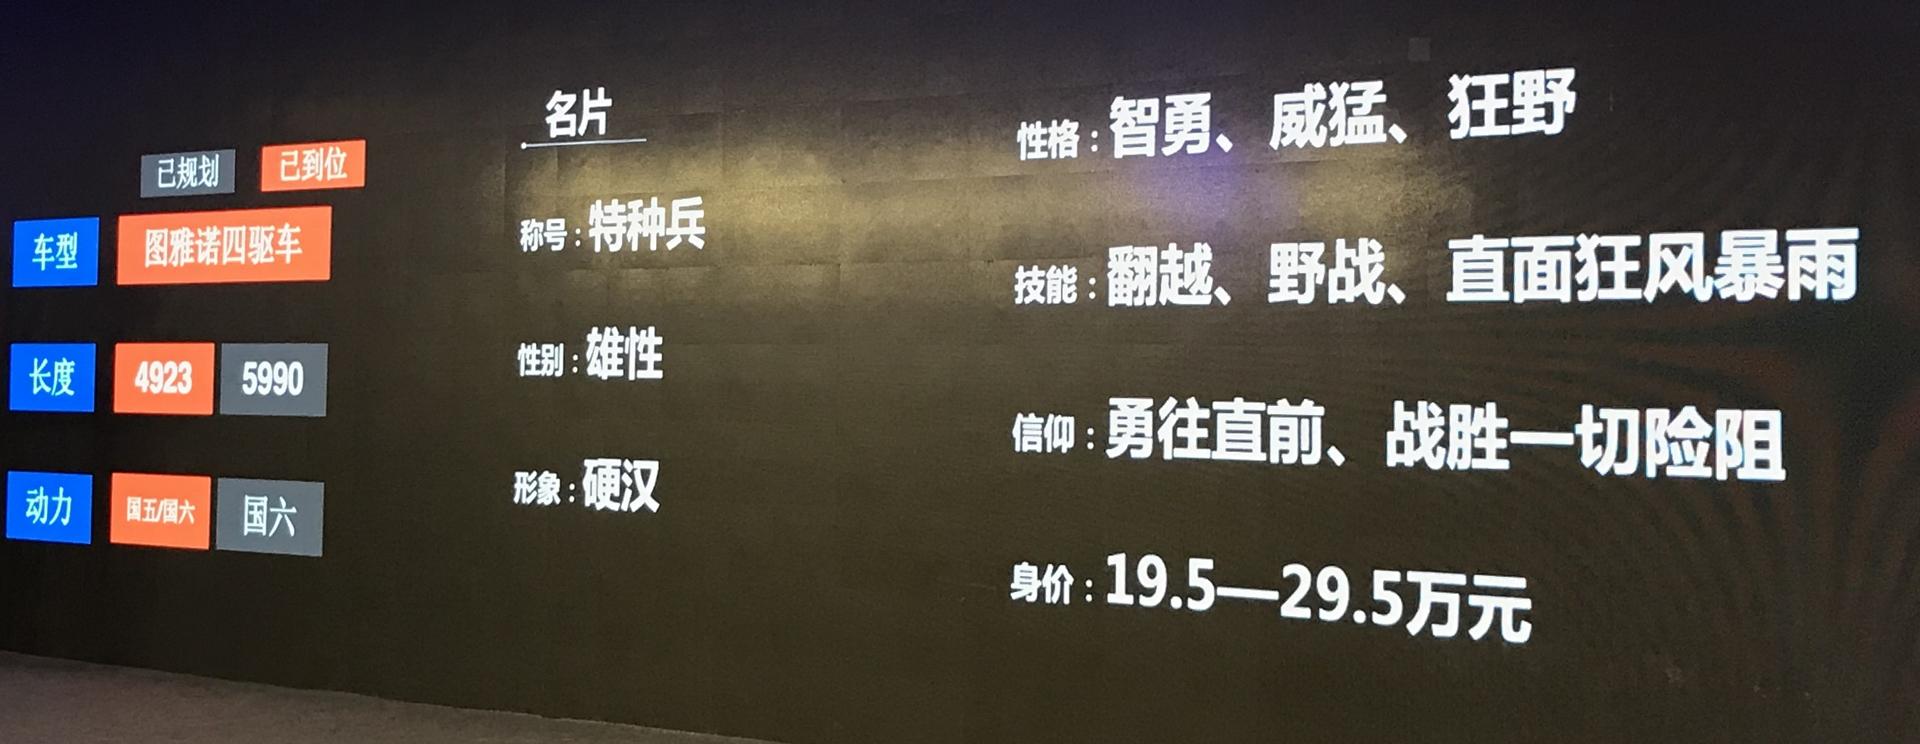 福田图雅诺四驱版上市 售价19.5-29.5万元